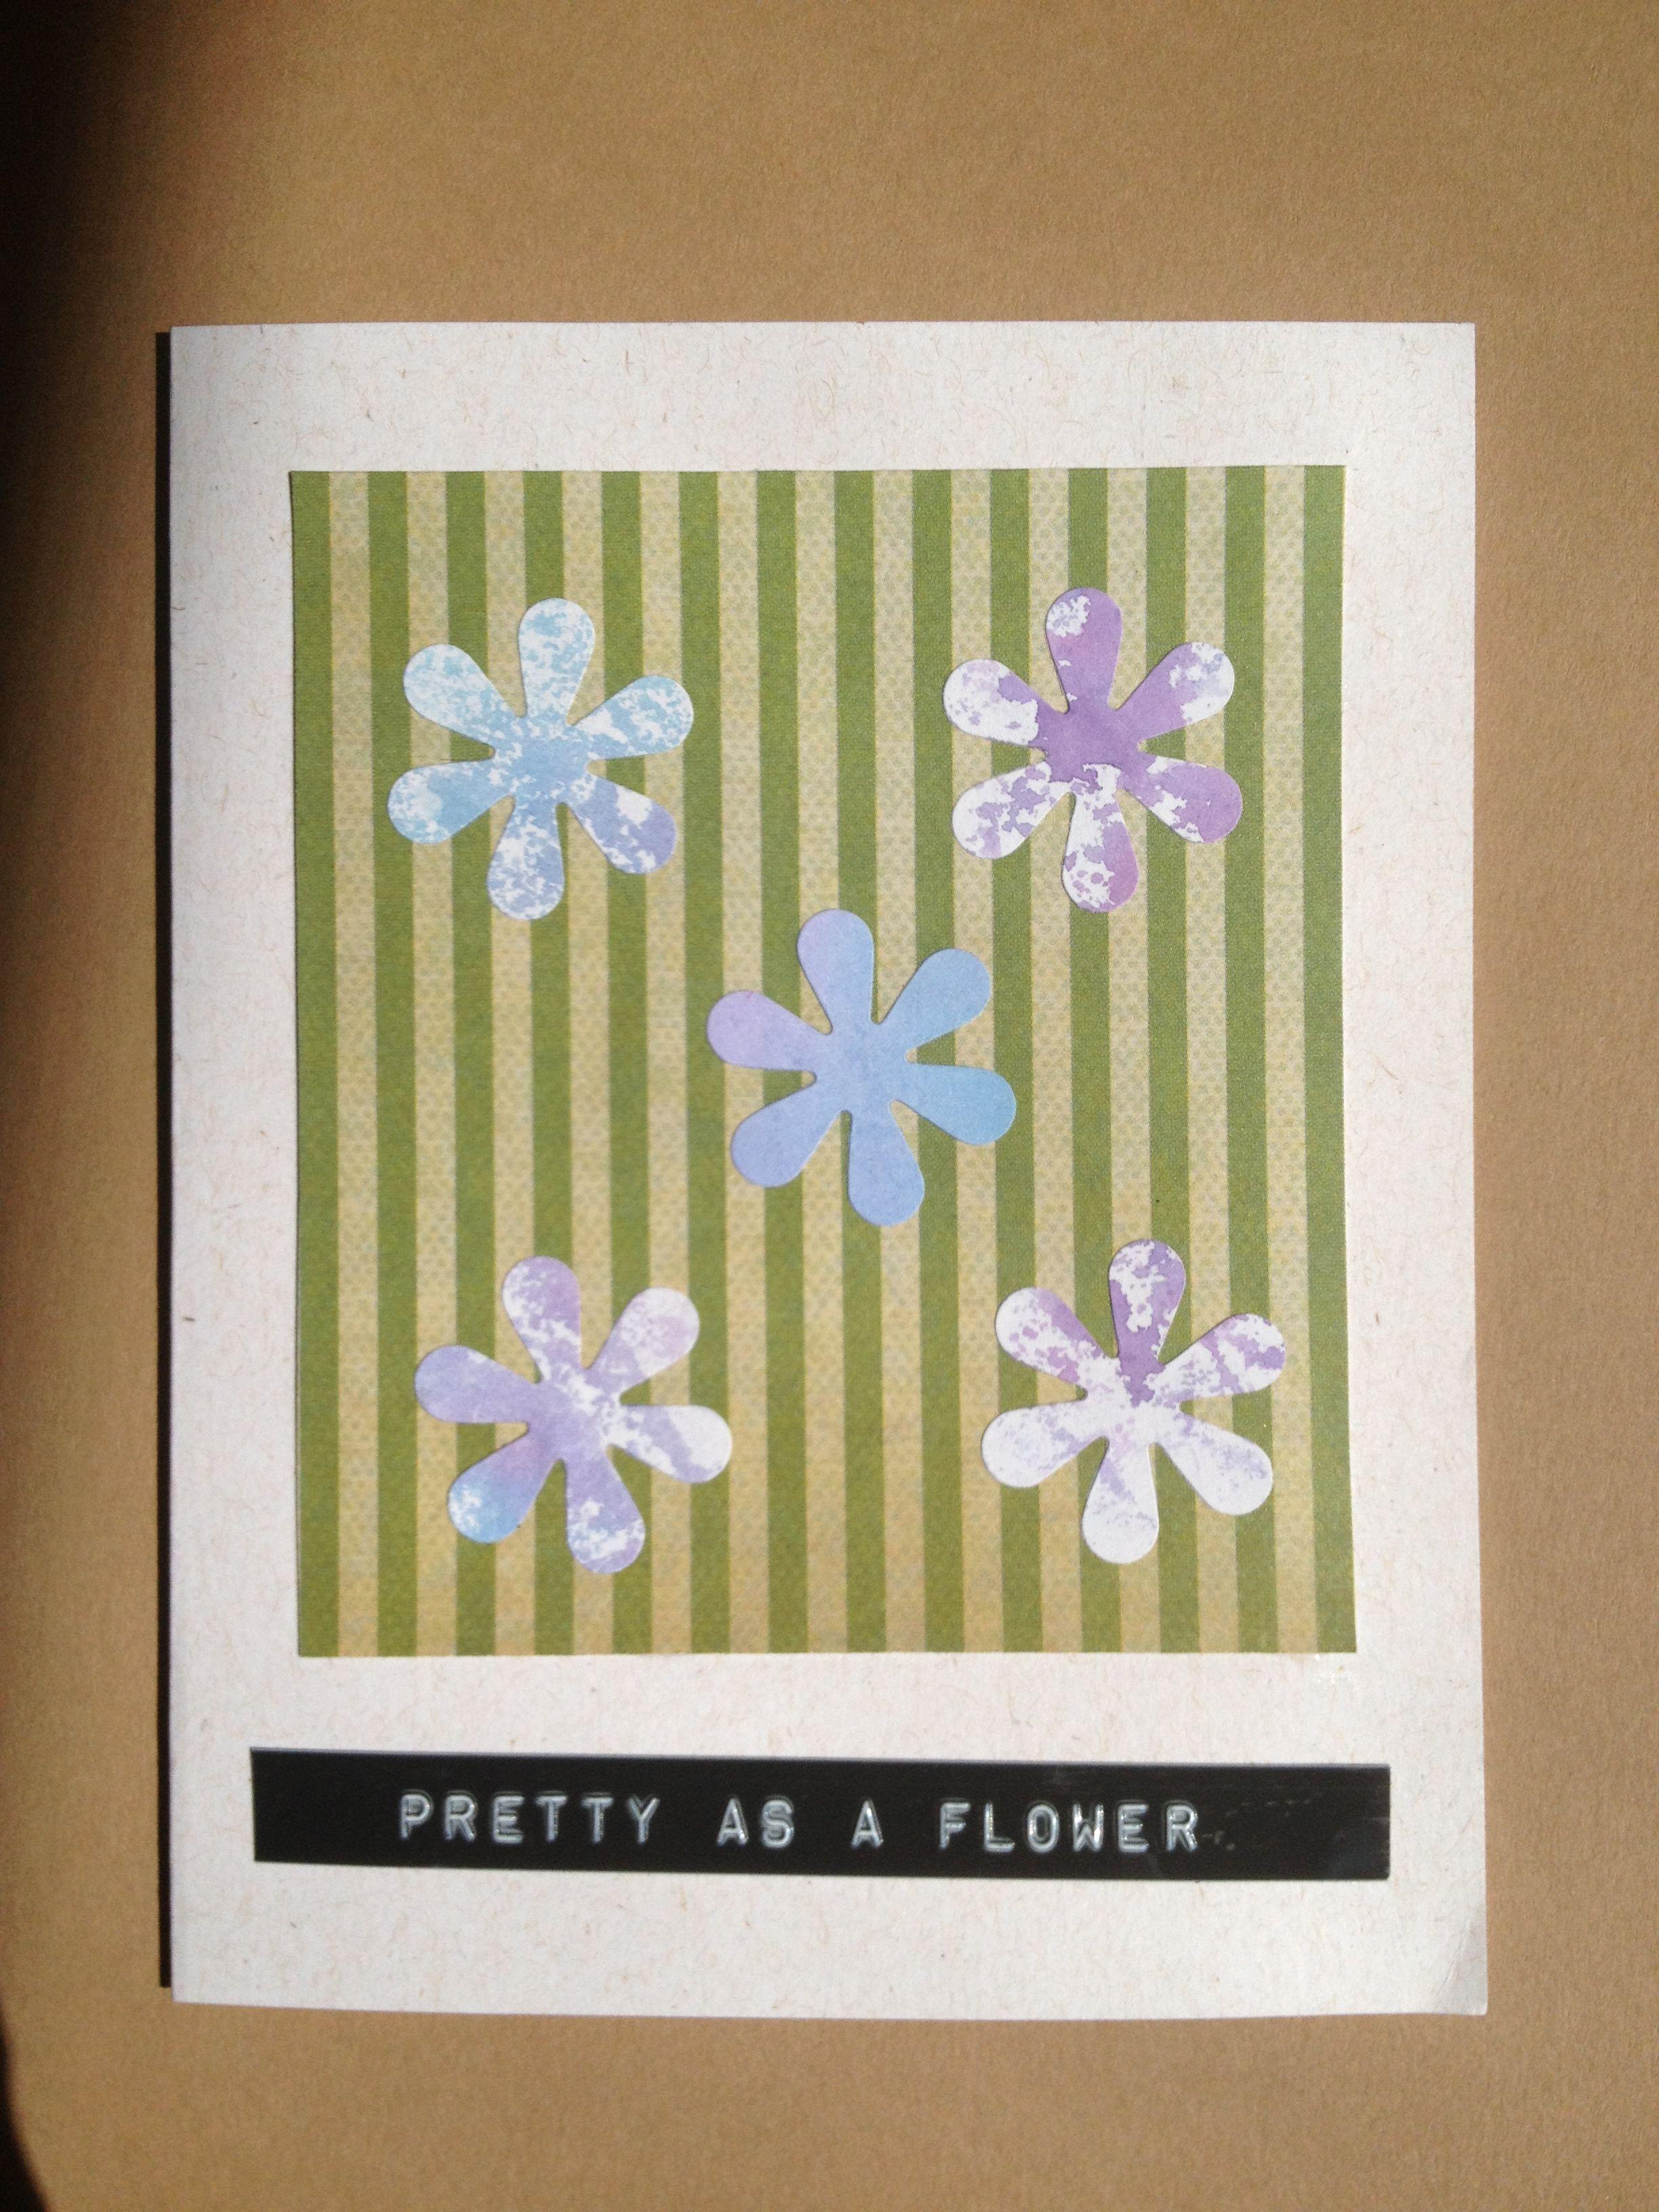 Pretty as a flower - card